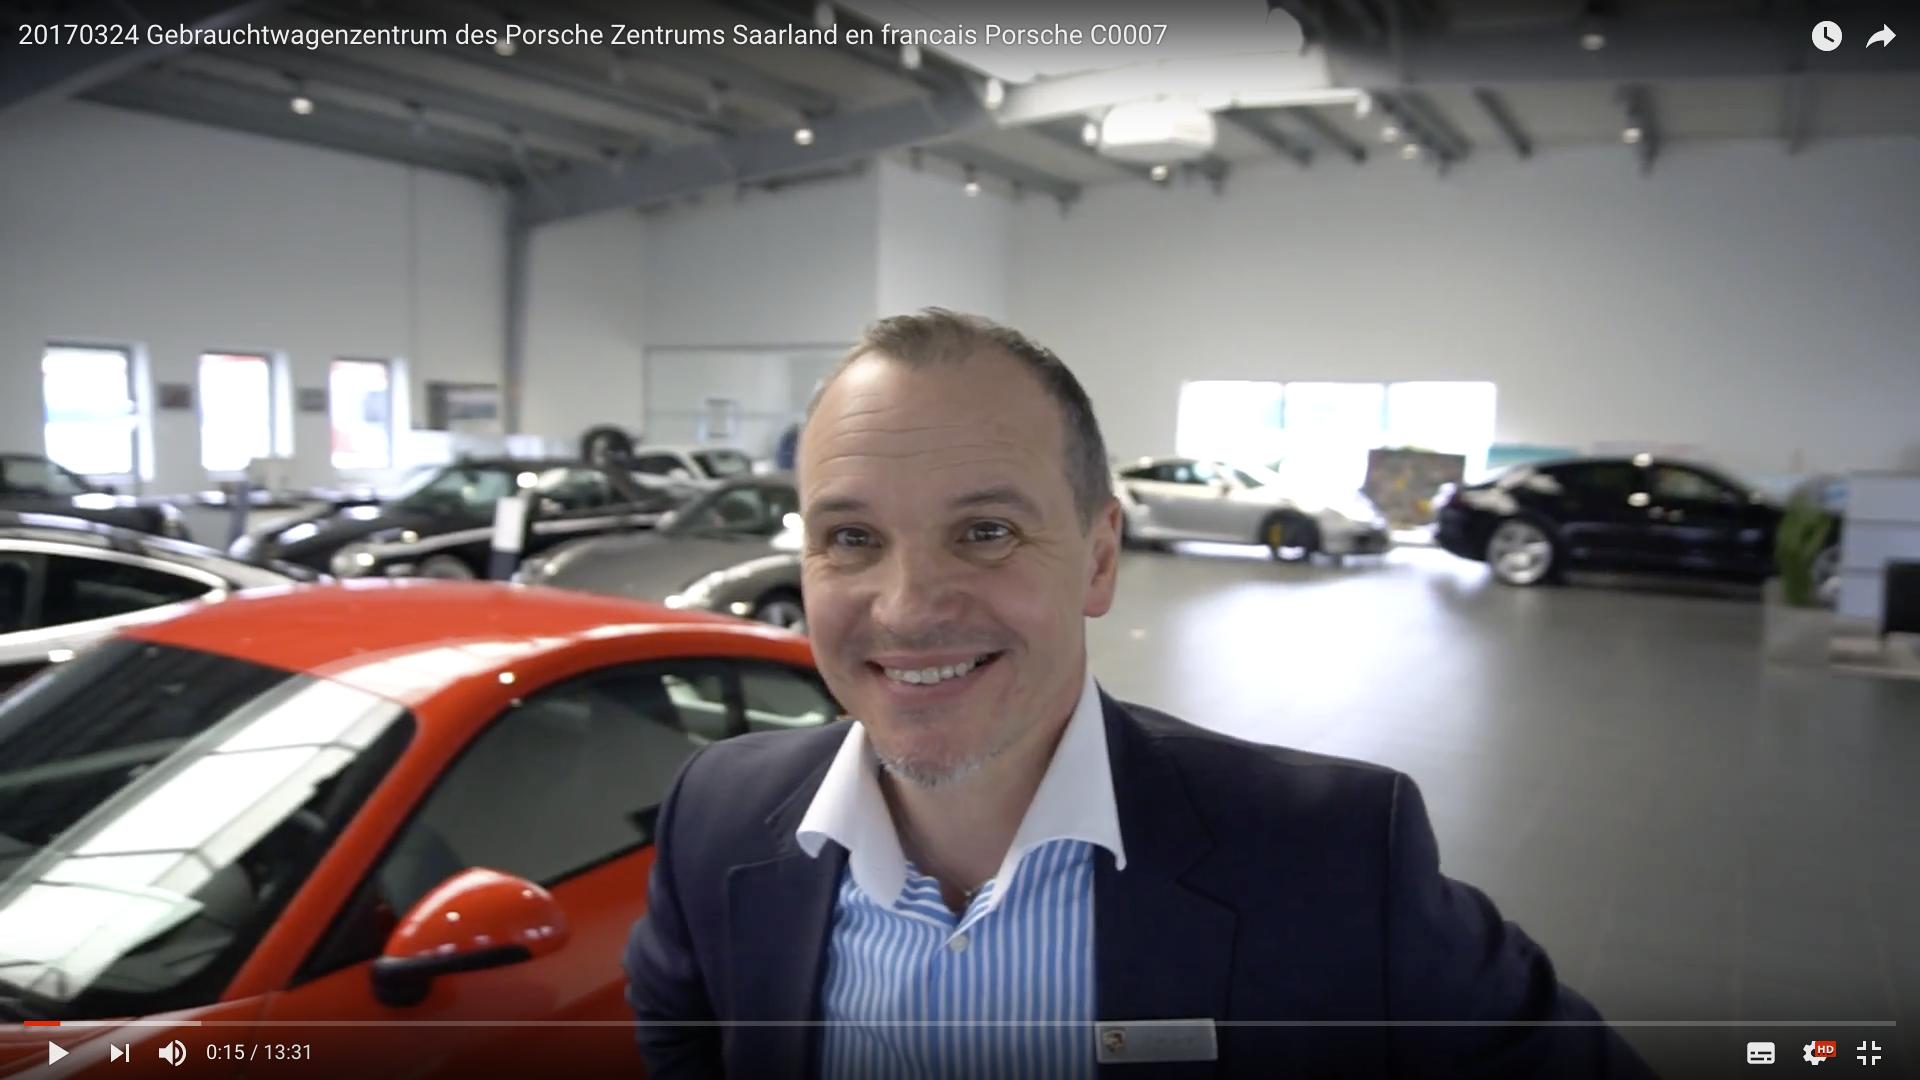 2017 Gebrauchtwagenzentrum des Porsche Zentrums Saarland Olivier Kuffler _MSM_MEDIEN_SAAR_MOSEL_SAARLAND_FERNSEHEN_1_ED_SAAR